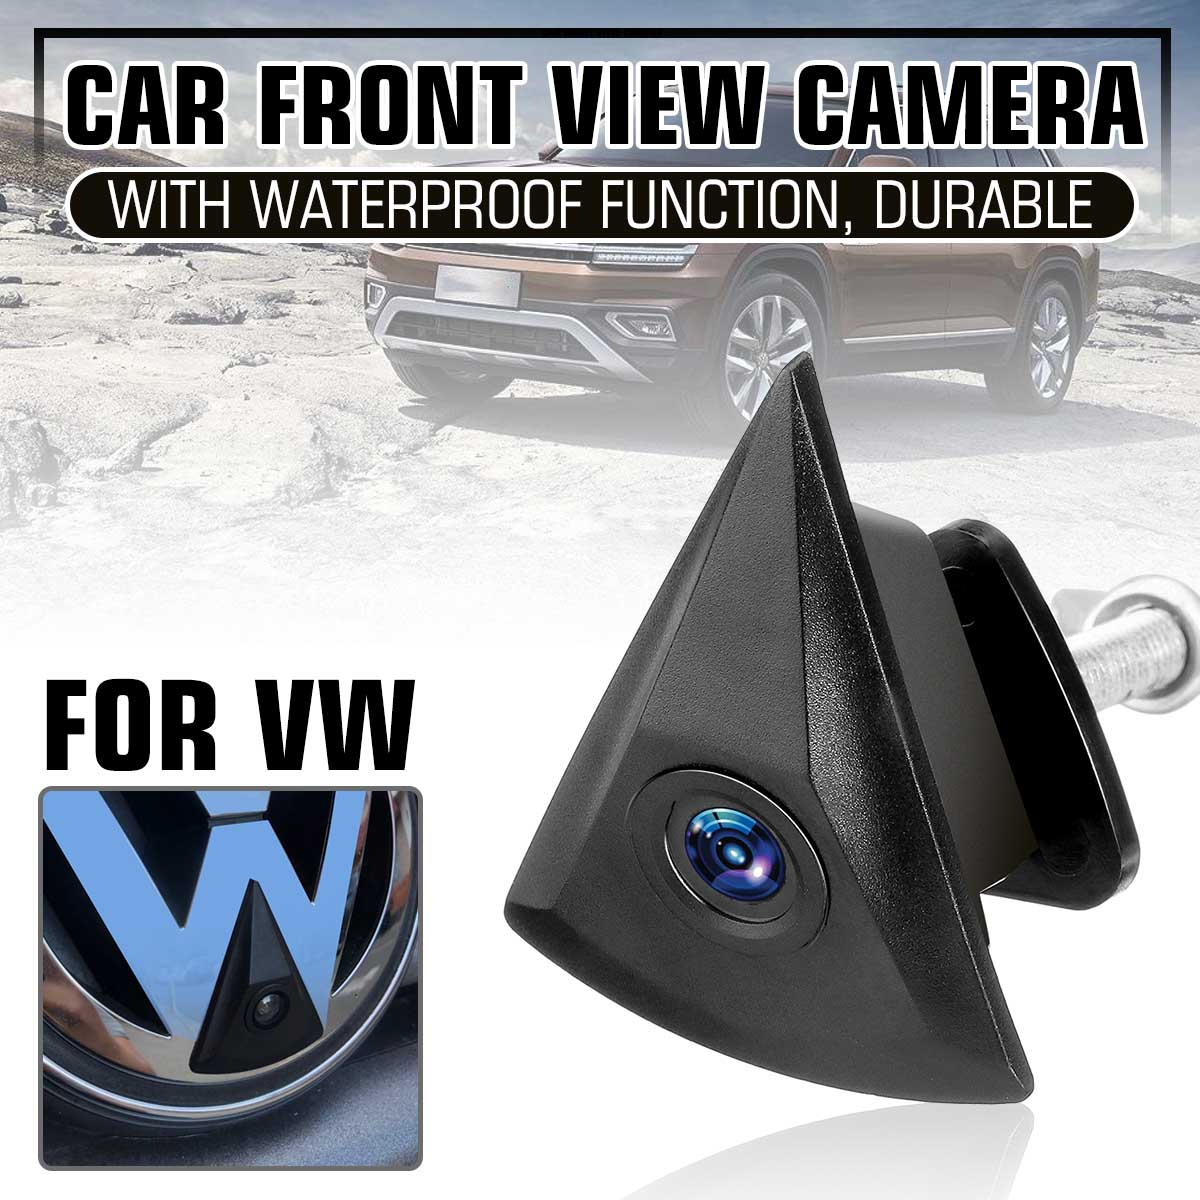 CCD HD araç ön görüş kamerası Logo su geçirmez 170 derece VW Volkswagen GOLF Jetta Touareg Passat Polo Tiguan Bora